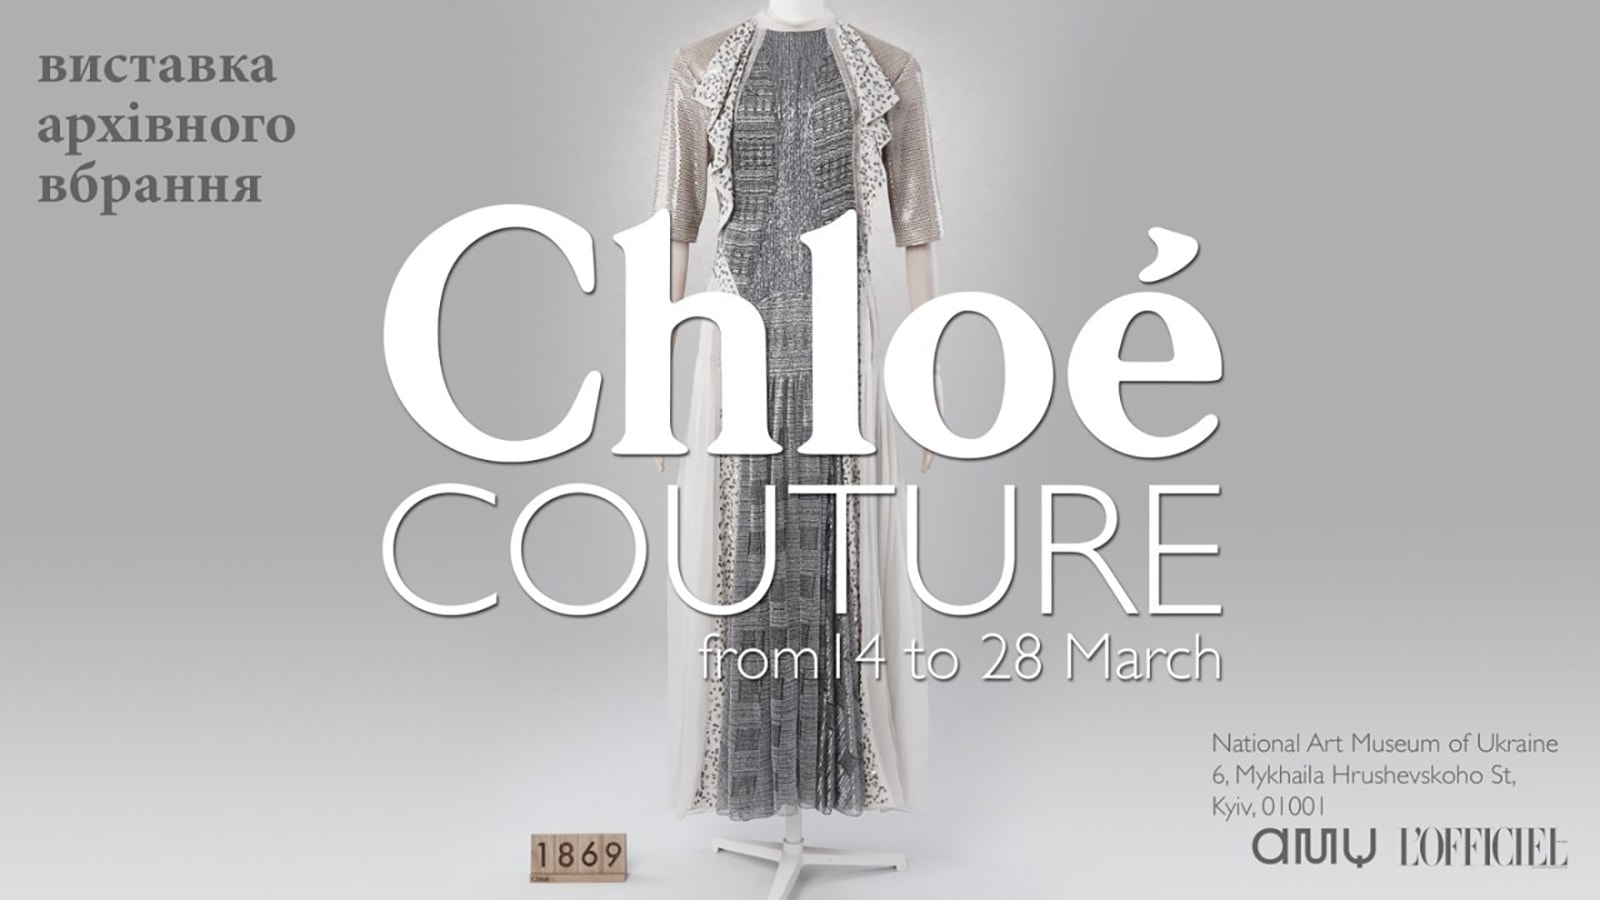 Выставка Chloe в Киеве!